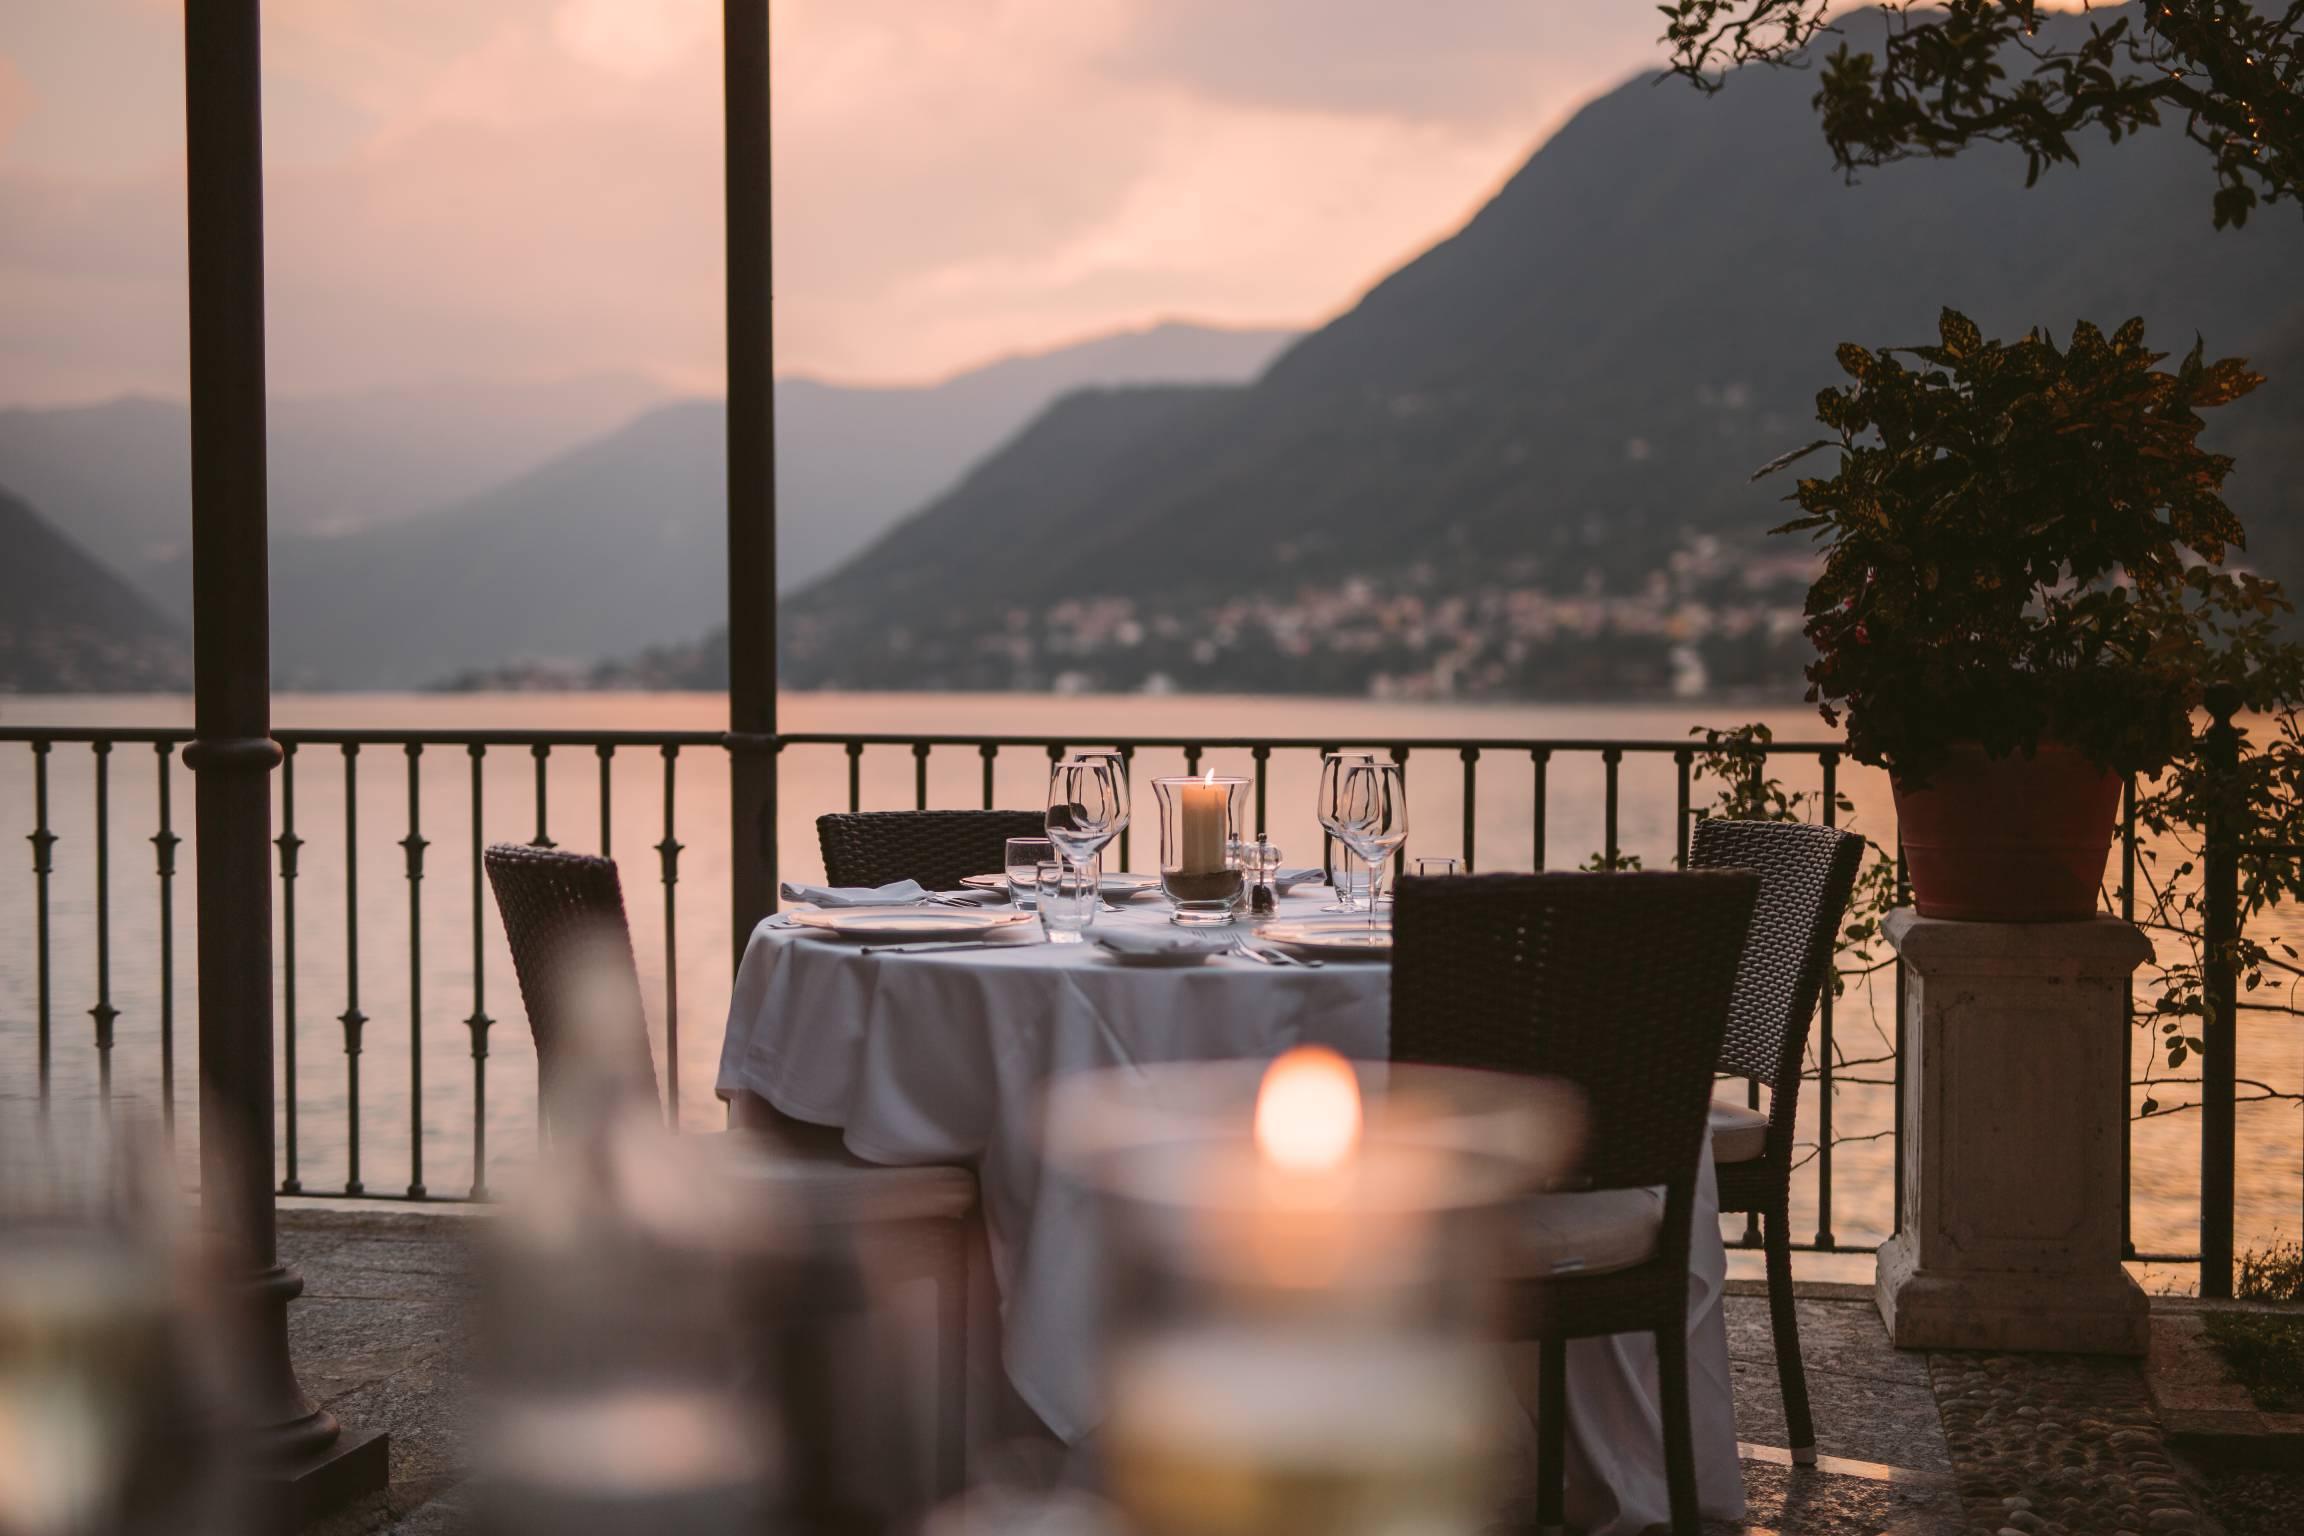 dimore quartetto Villa Flori Raimondi terrazza